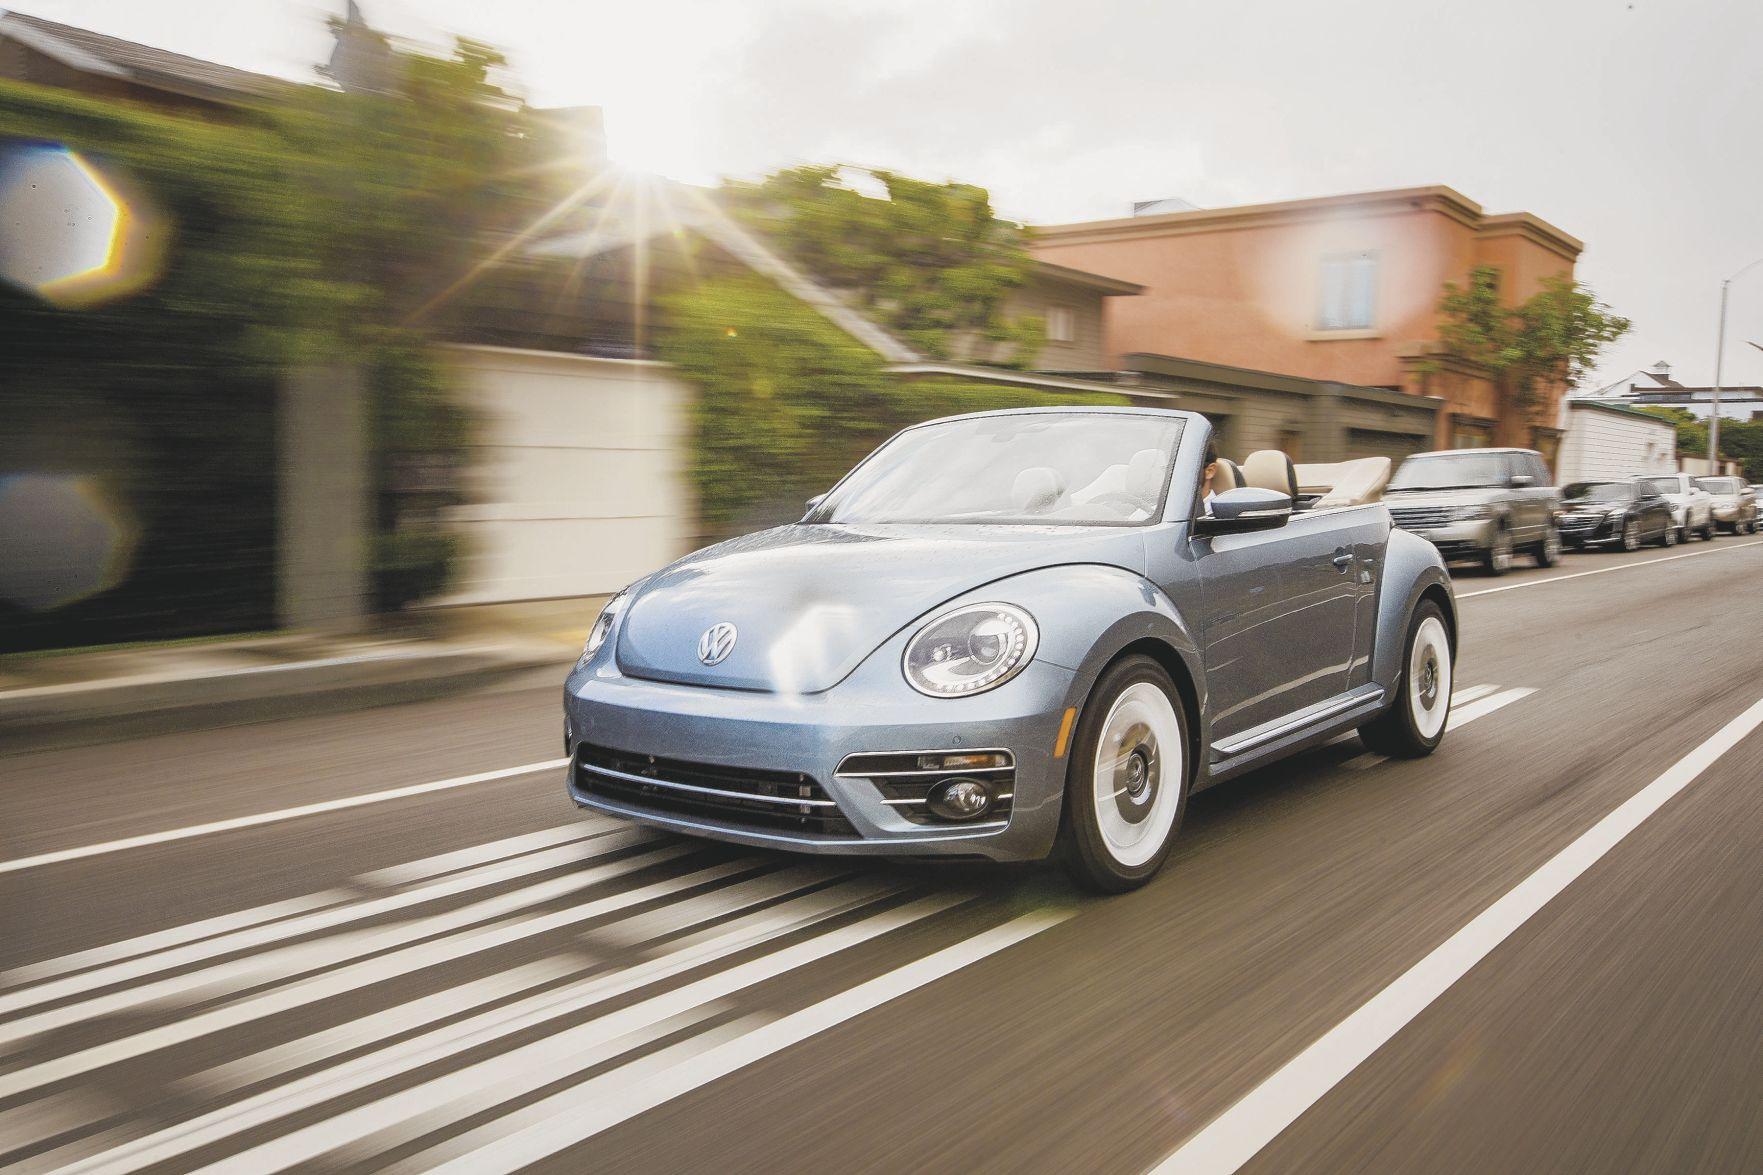 2019 Volkswagen Beetle Convertible Automotive Theadvocate Com